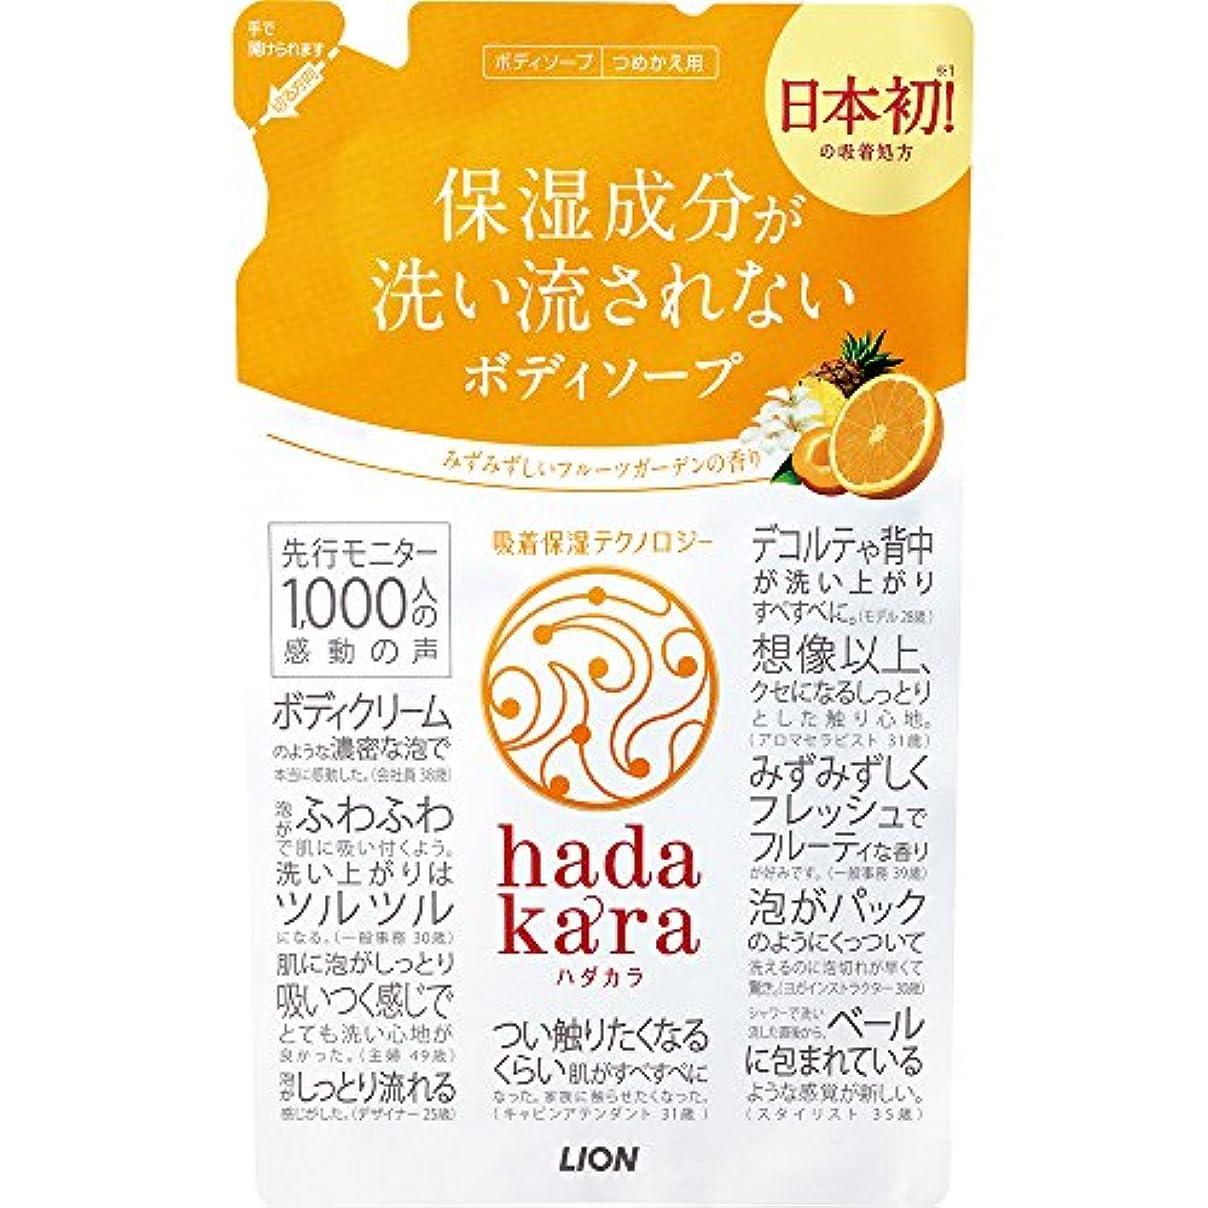 トランスミッションマッシュ防腐剤hadakara(ハダカラ) ボディソープ フルーツガーデンの香り 詰め替え 360ml